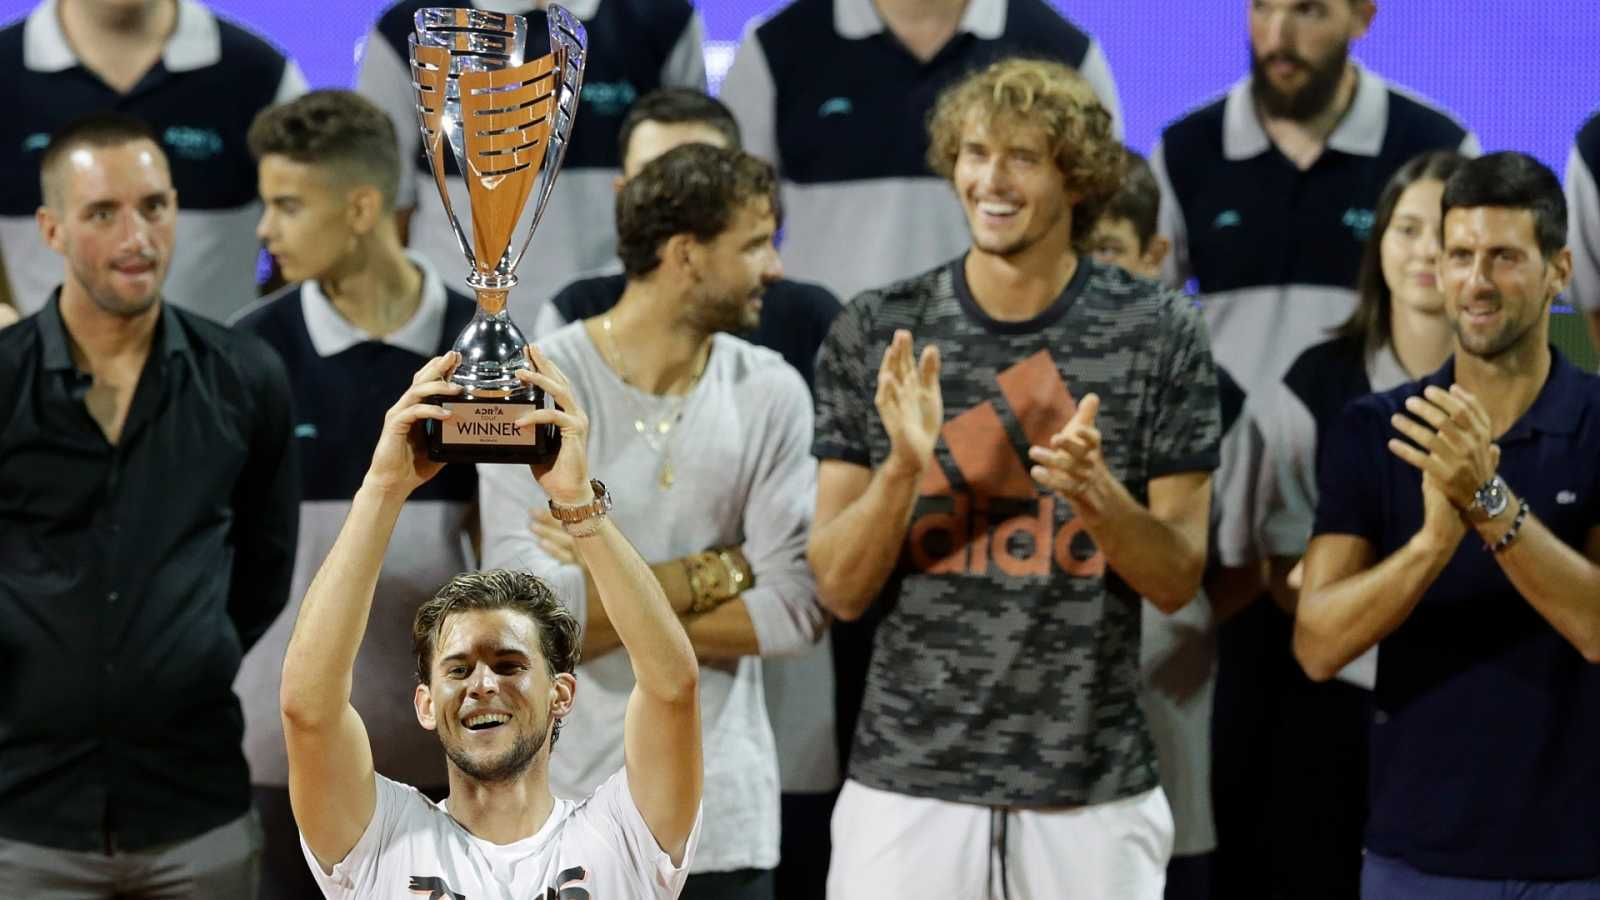 El tenist Dominic Thiem posa con el trofeo tras ganar el torneo benéfico organizado por Djokovic